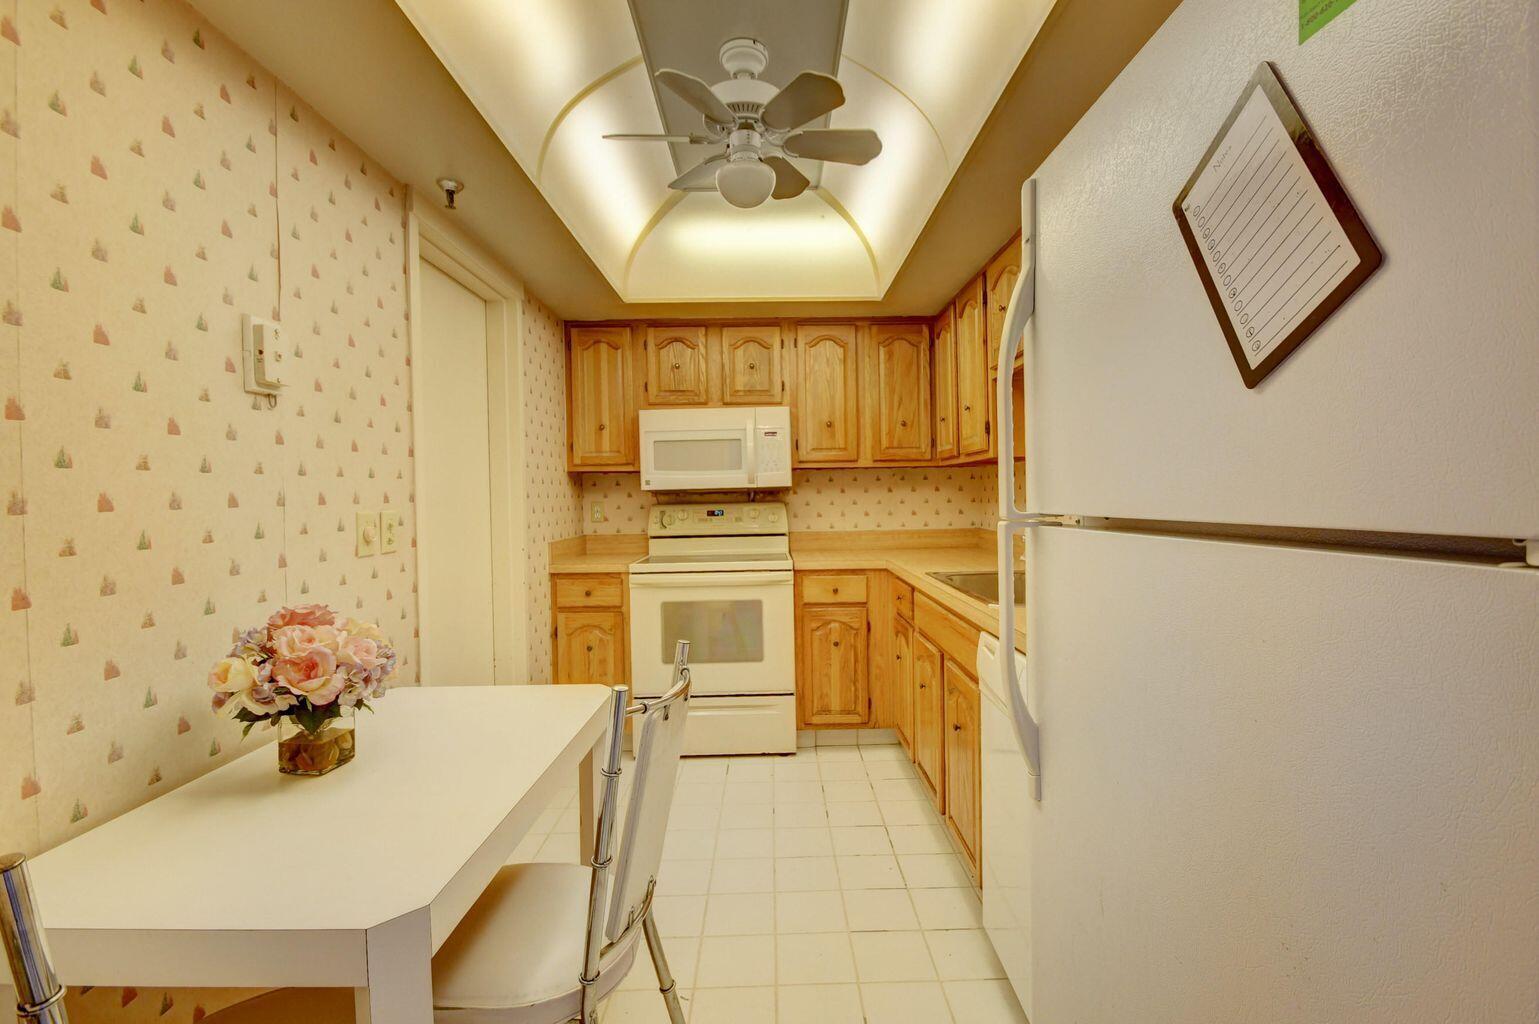 3036 - Kitchen